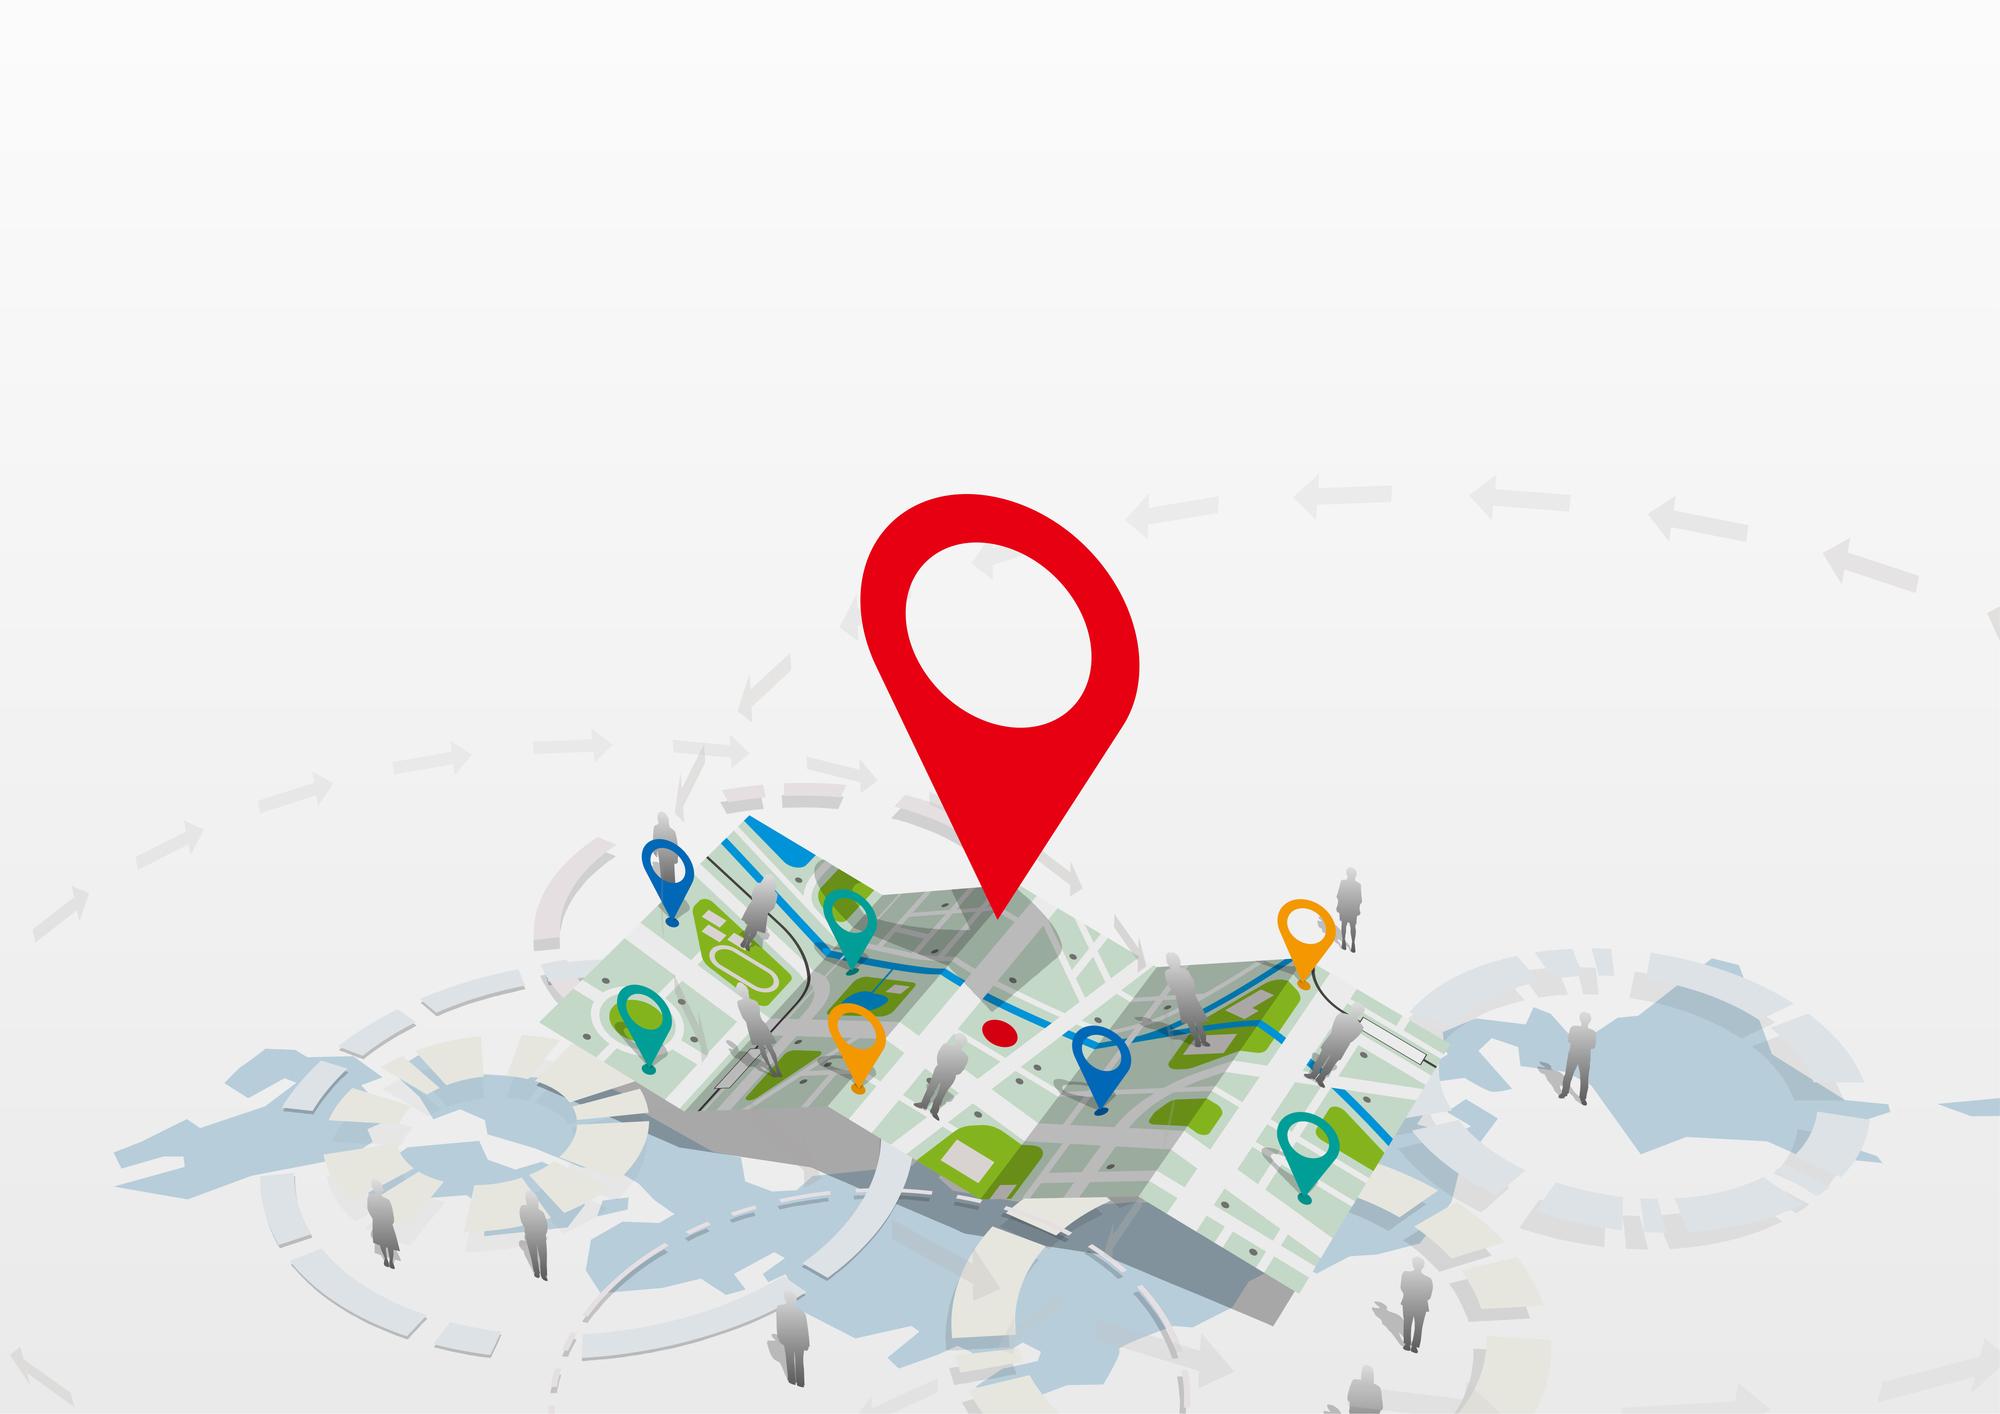 子供用GPSの「位置情報確認機能」とは?仕組みや特徴を解説